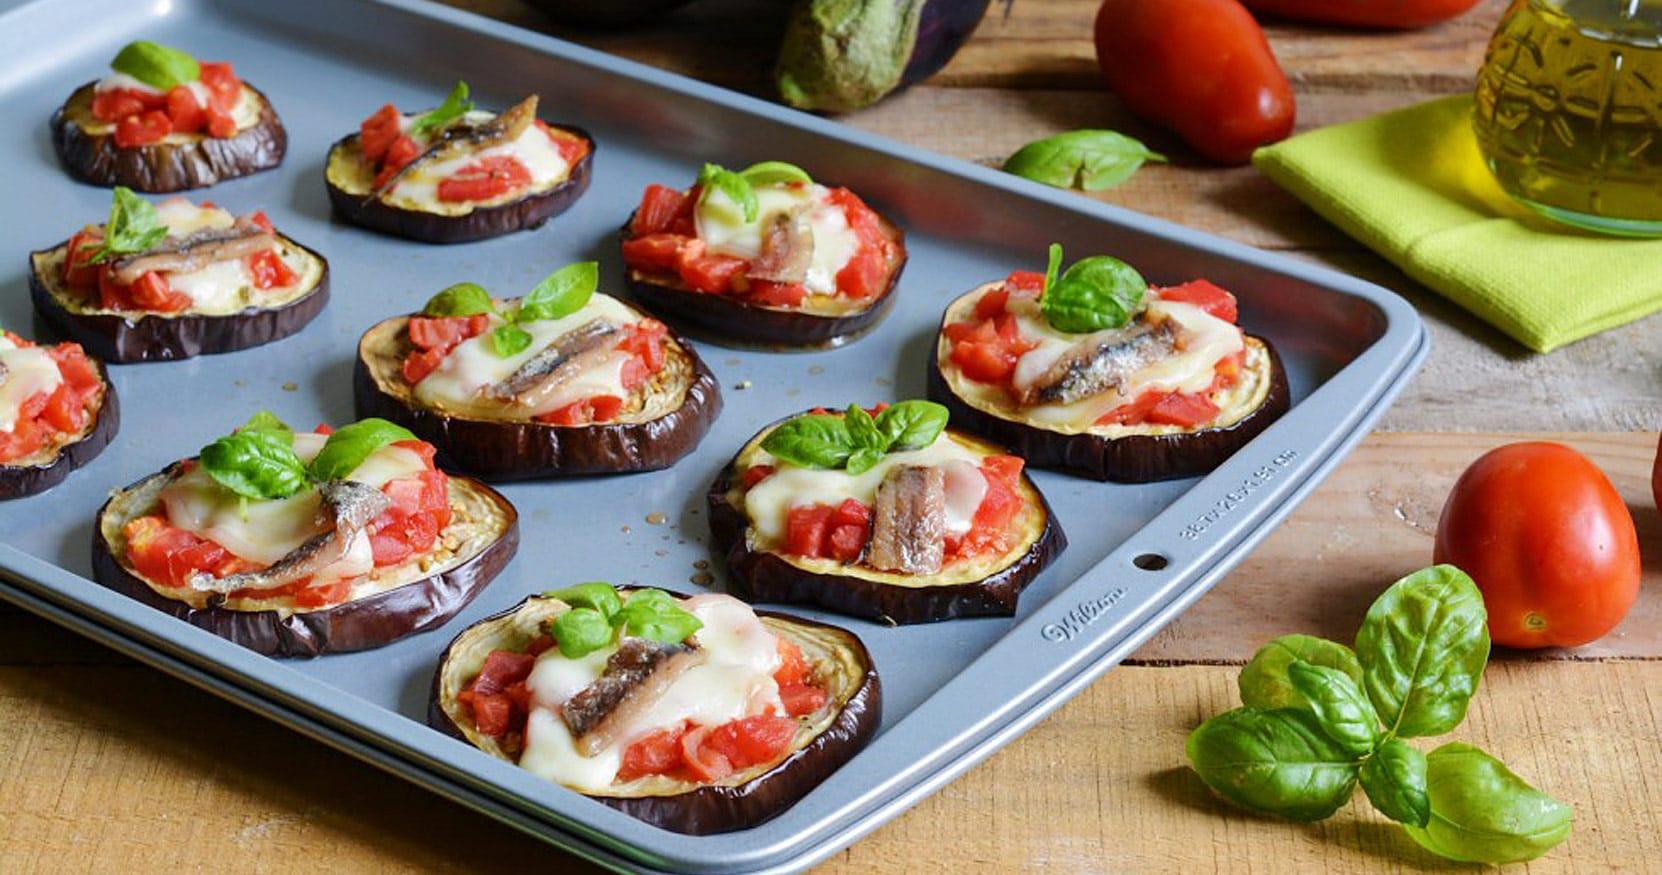 Pizzette di melanzane video by il cucchiaio d 39 argento - Cena tra amici cosa cucinare ...